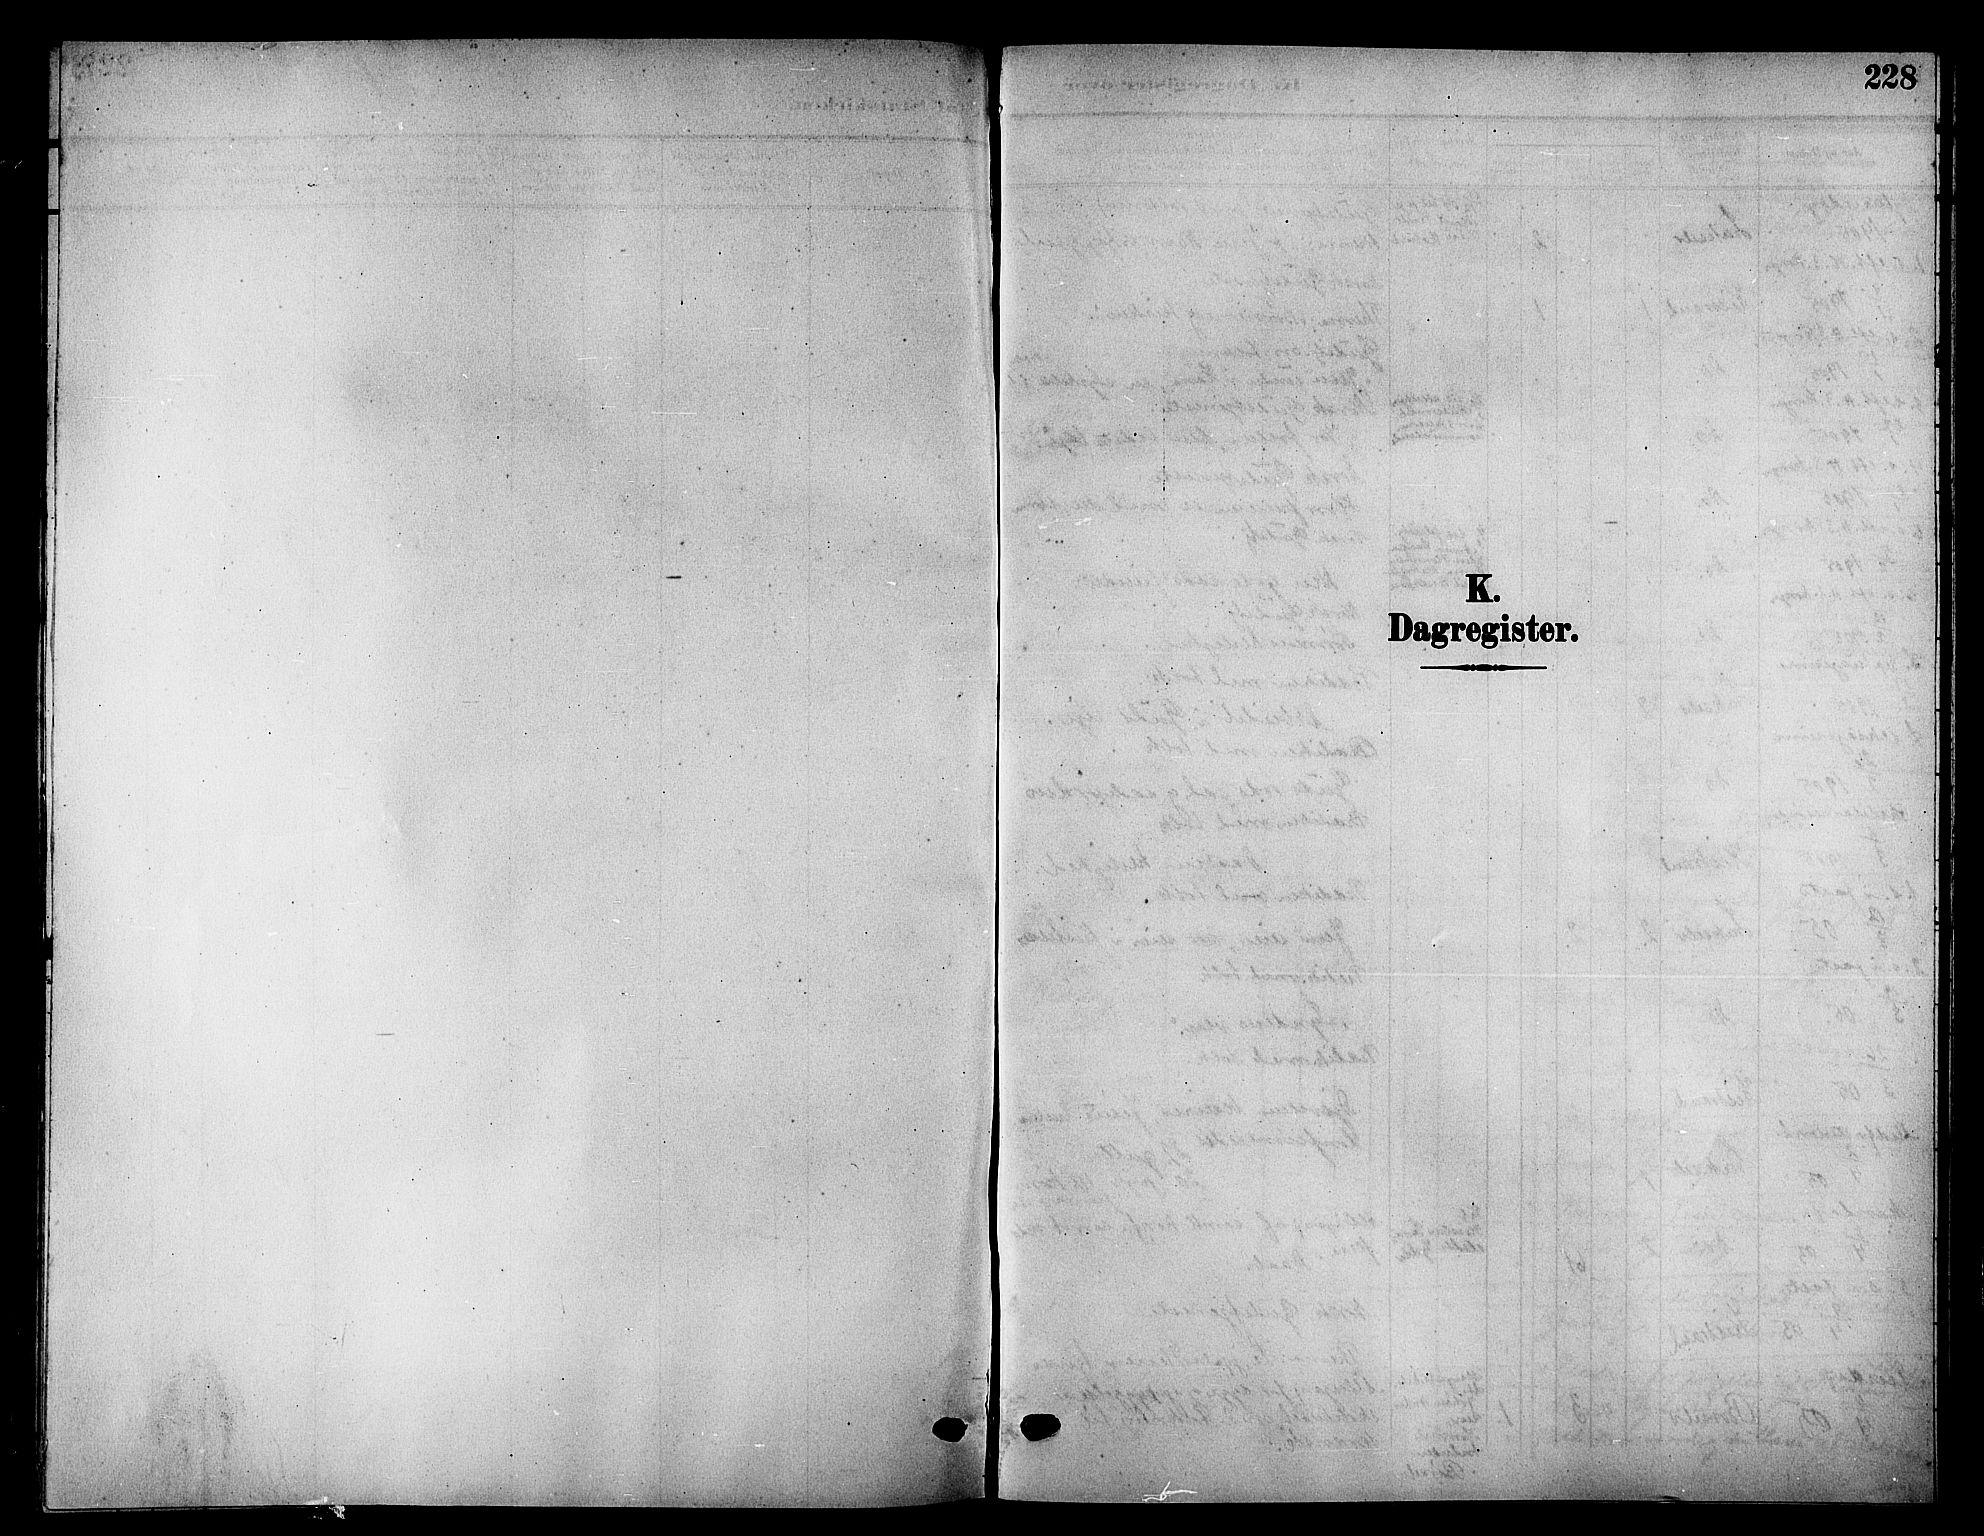 SATØ, Kistrand/Porsanger sokneprestembete, H/Hb/L0006.klokk: Klokkerbok nr. 6, 1905-1917, s. 228